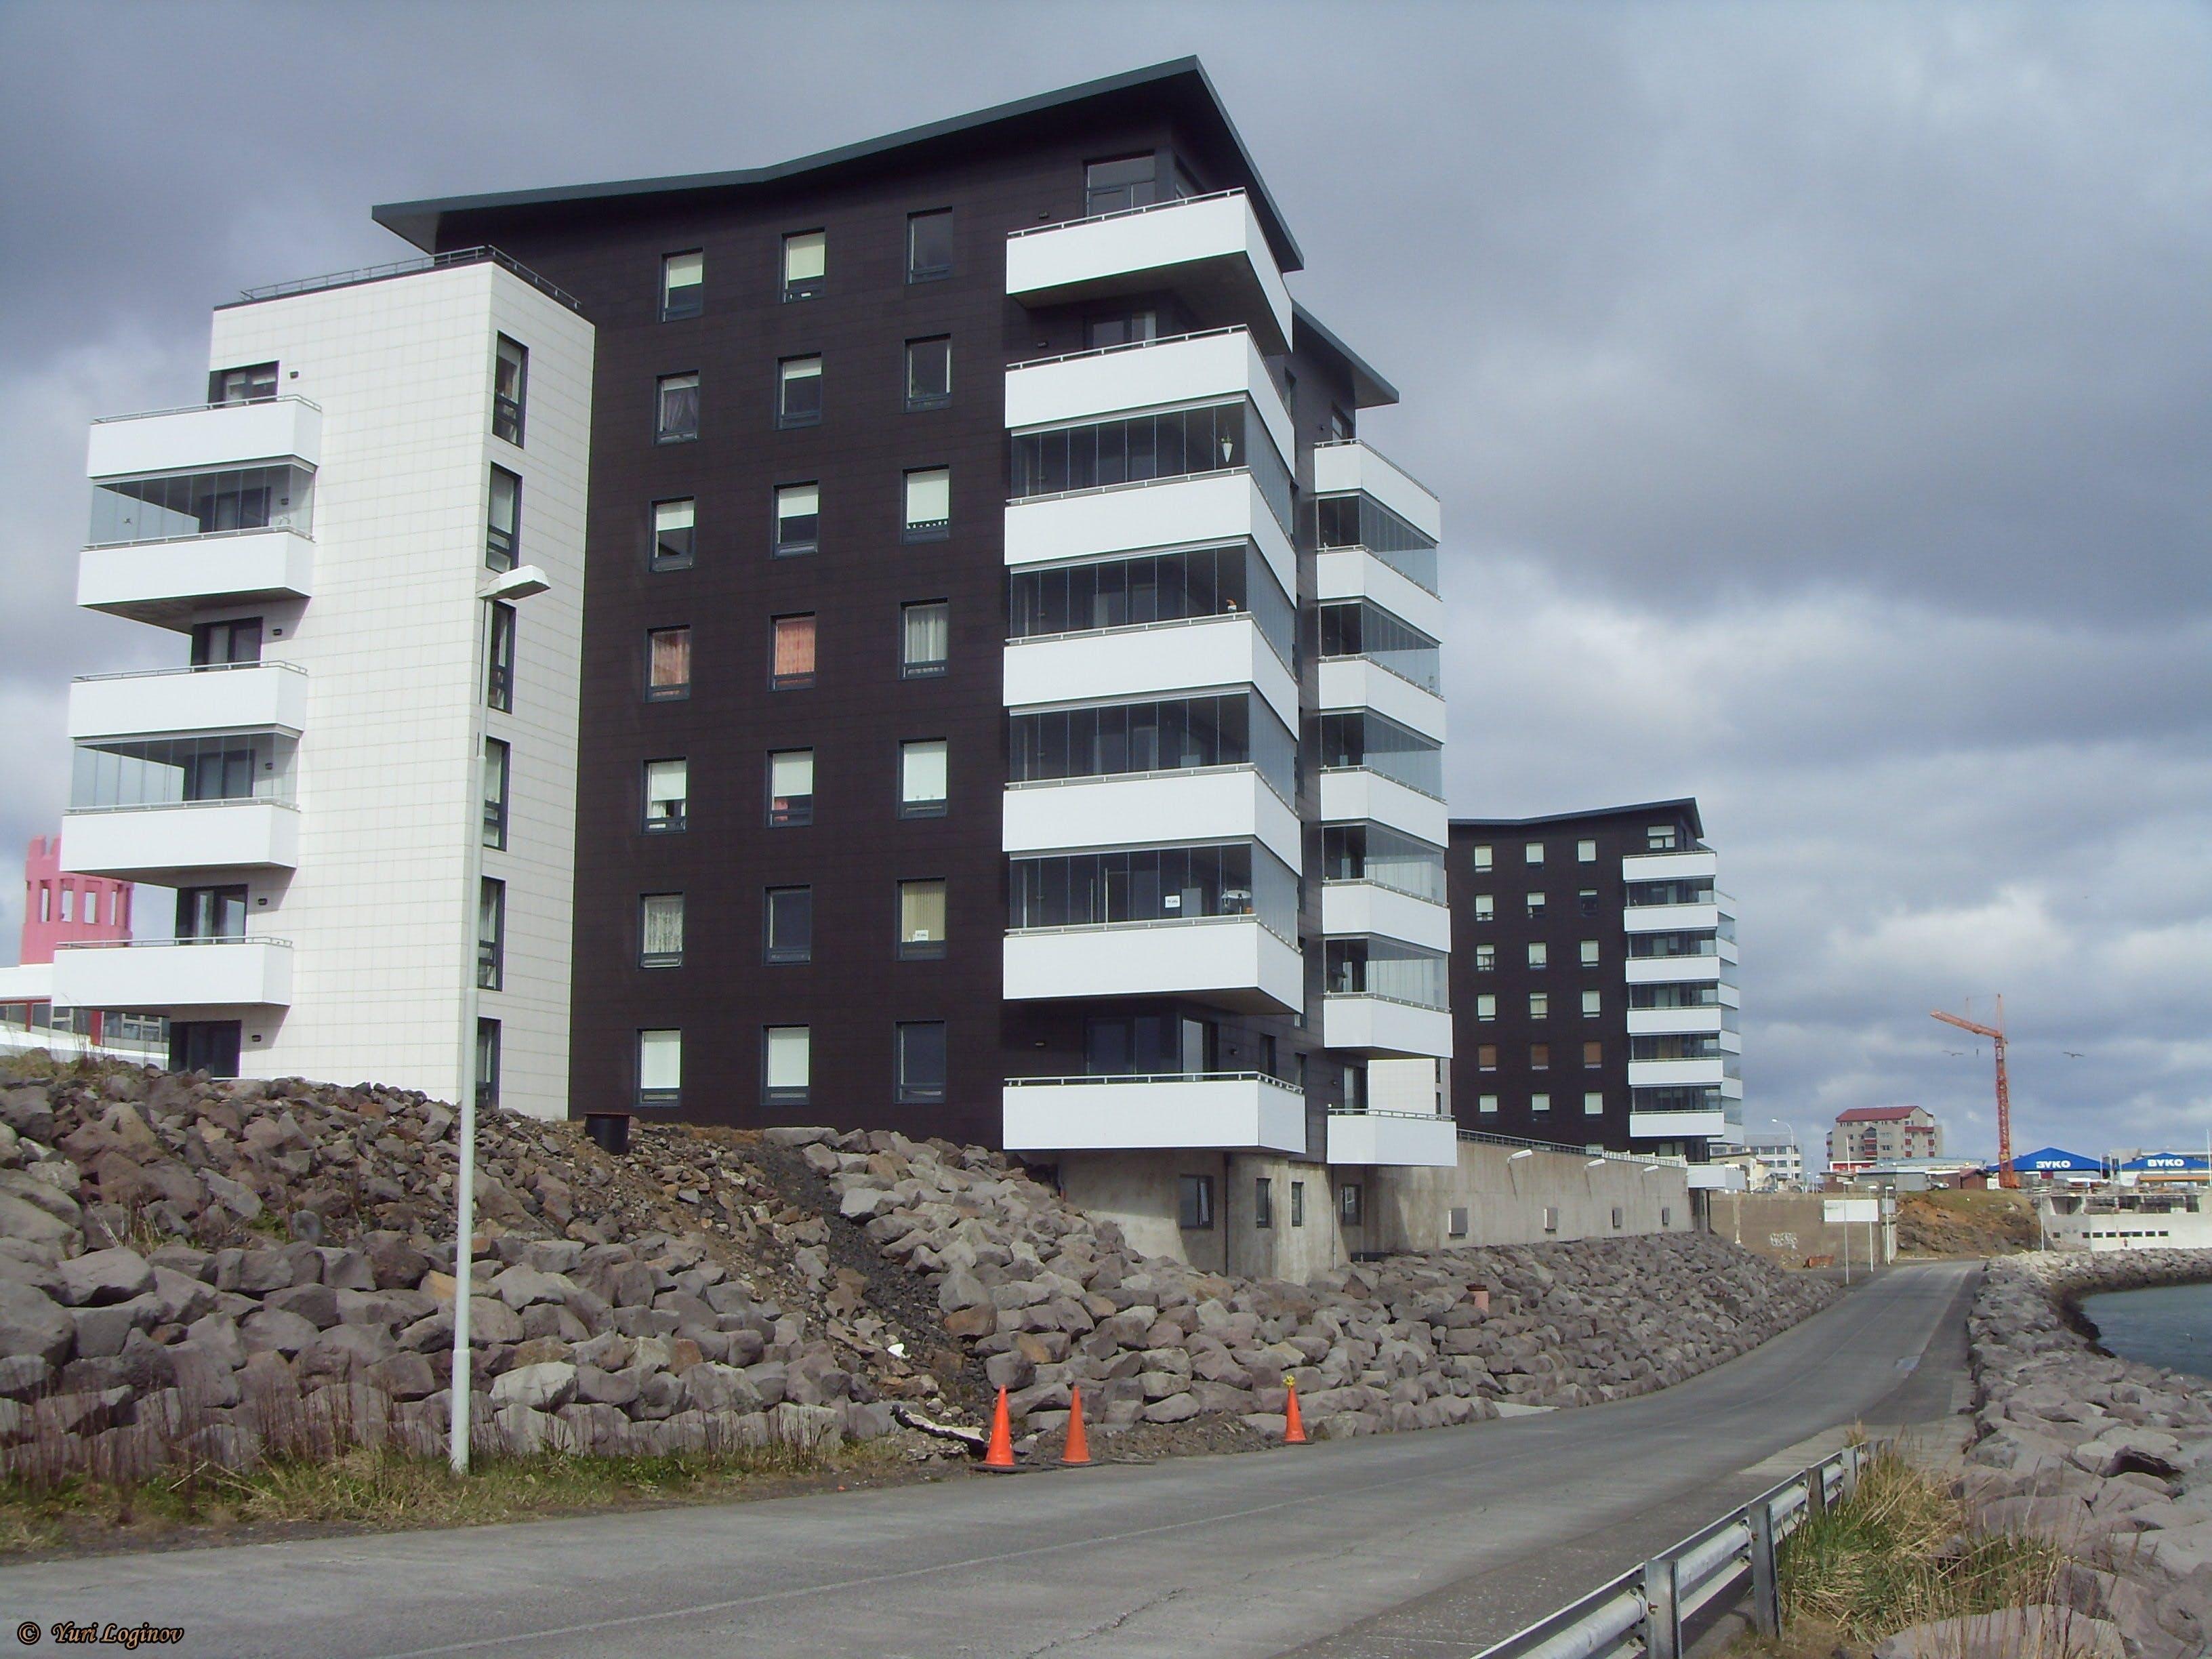 Free stock photo of iceland, island, Keflavik